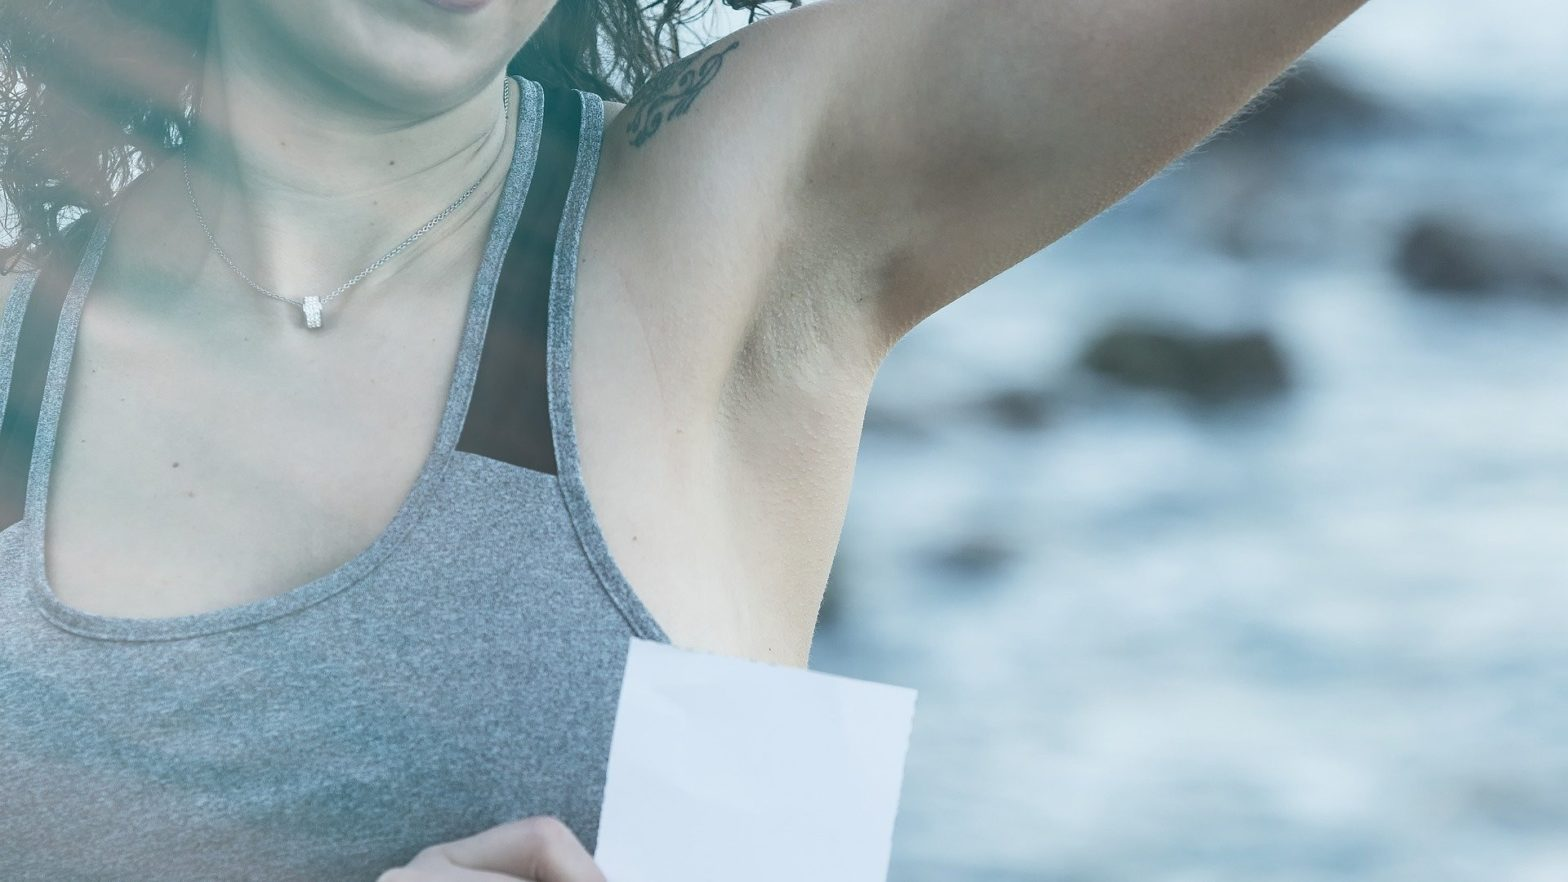 Mulher com o braço levantado para cima mostrando sua axila escura.